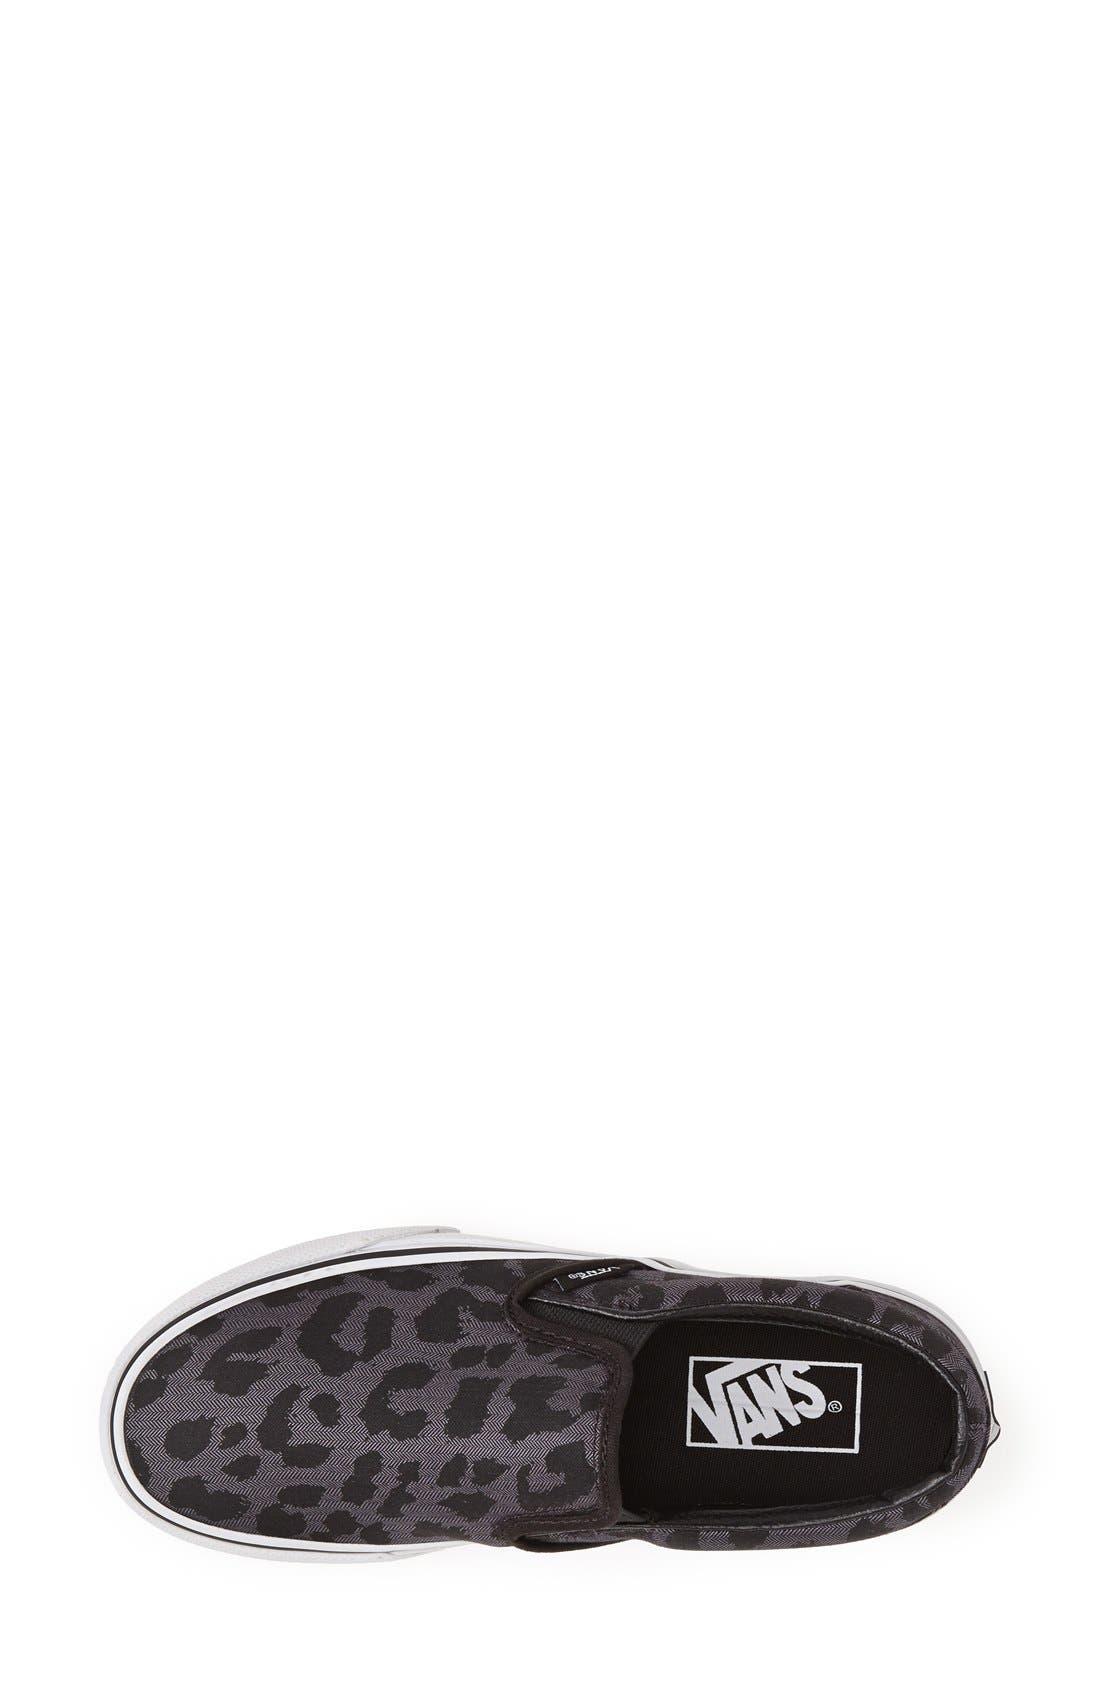 Alternate Image 3  - Vans Leopard Spot Slip-On Sneaker (Women)